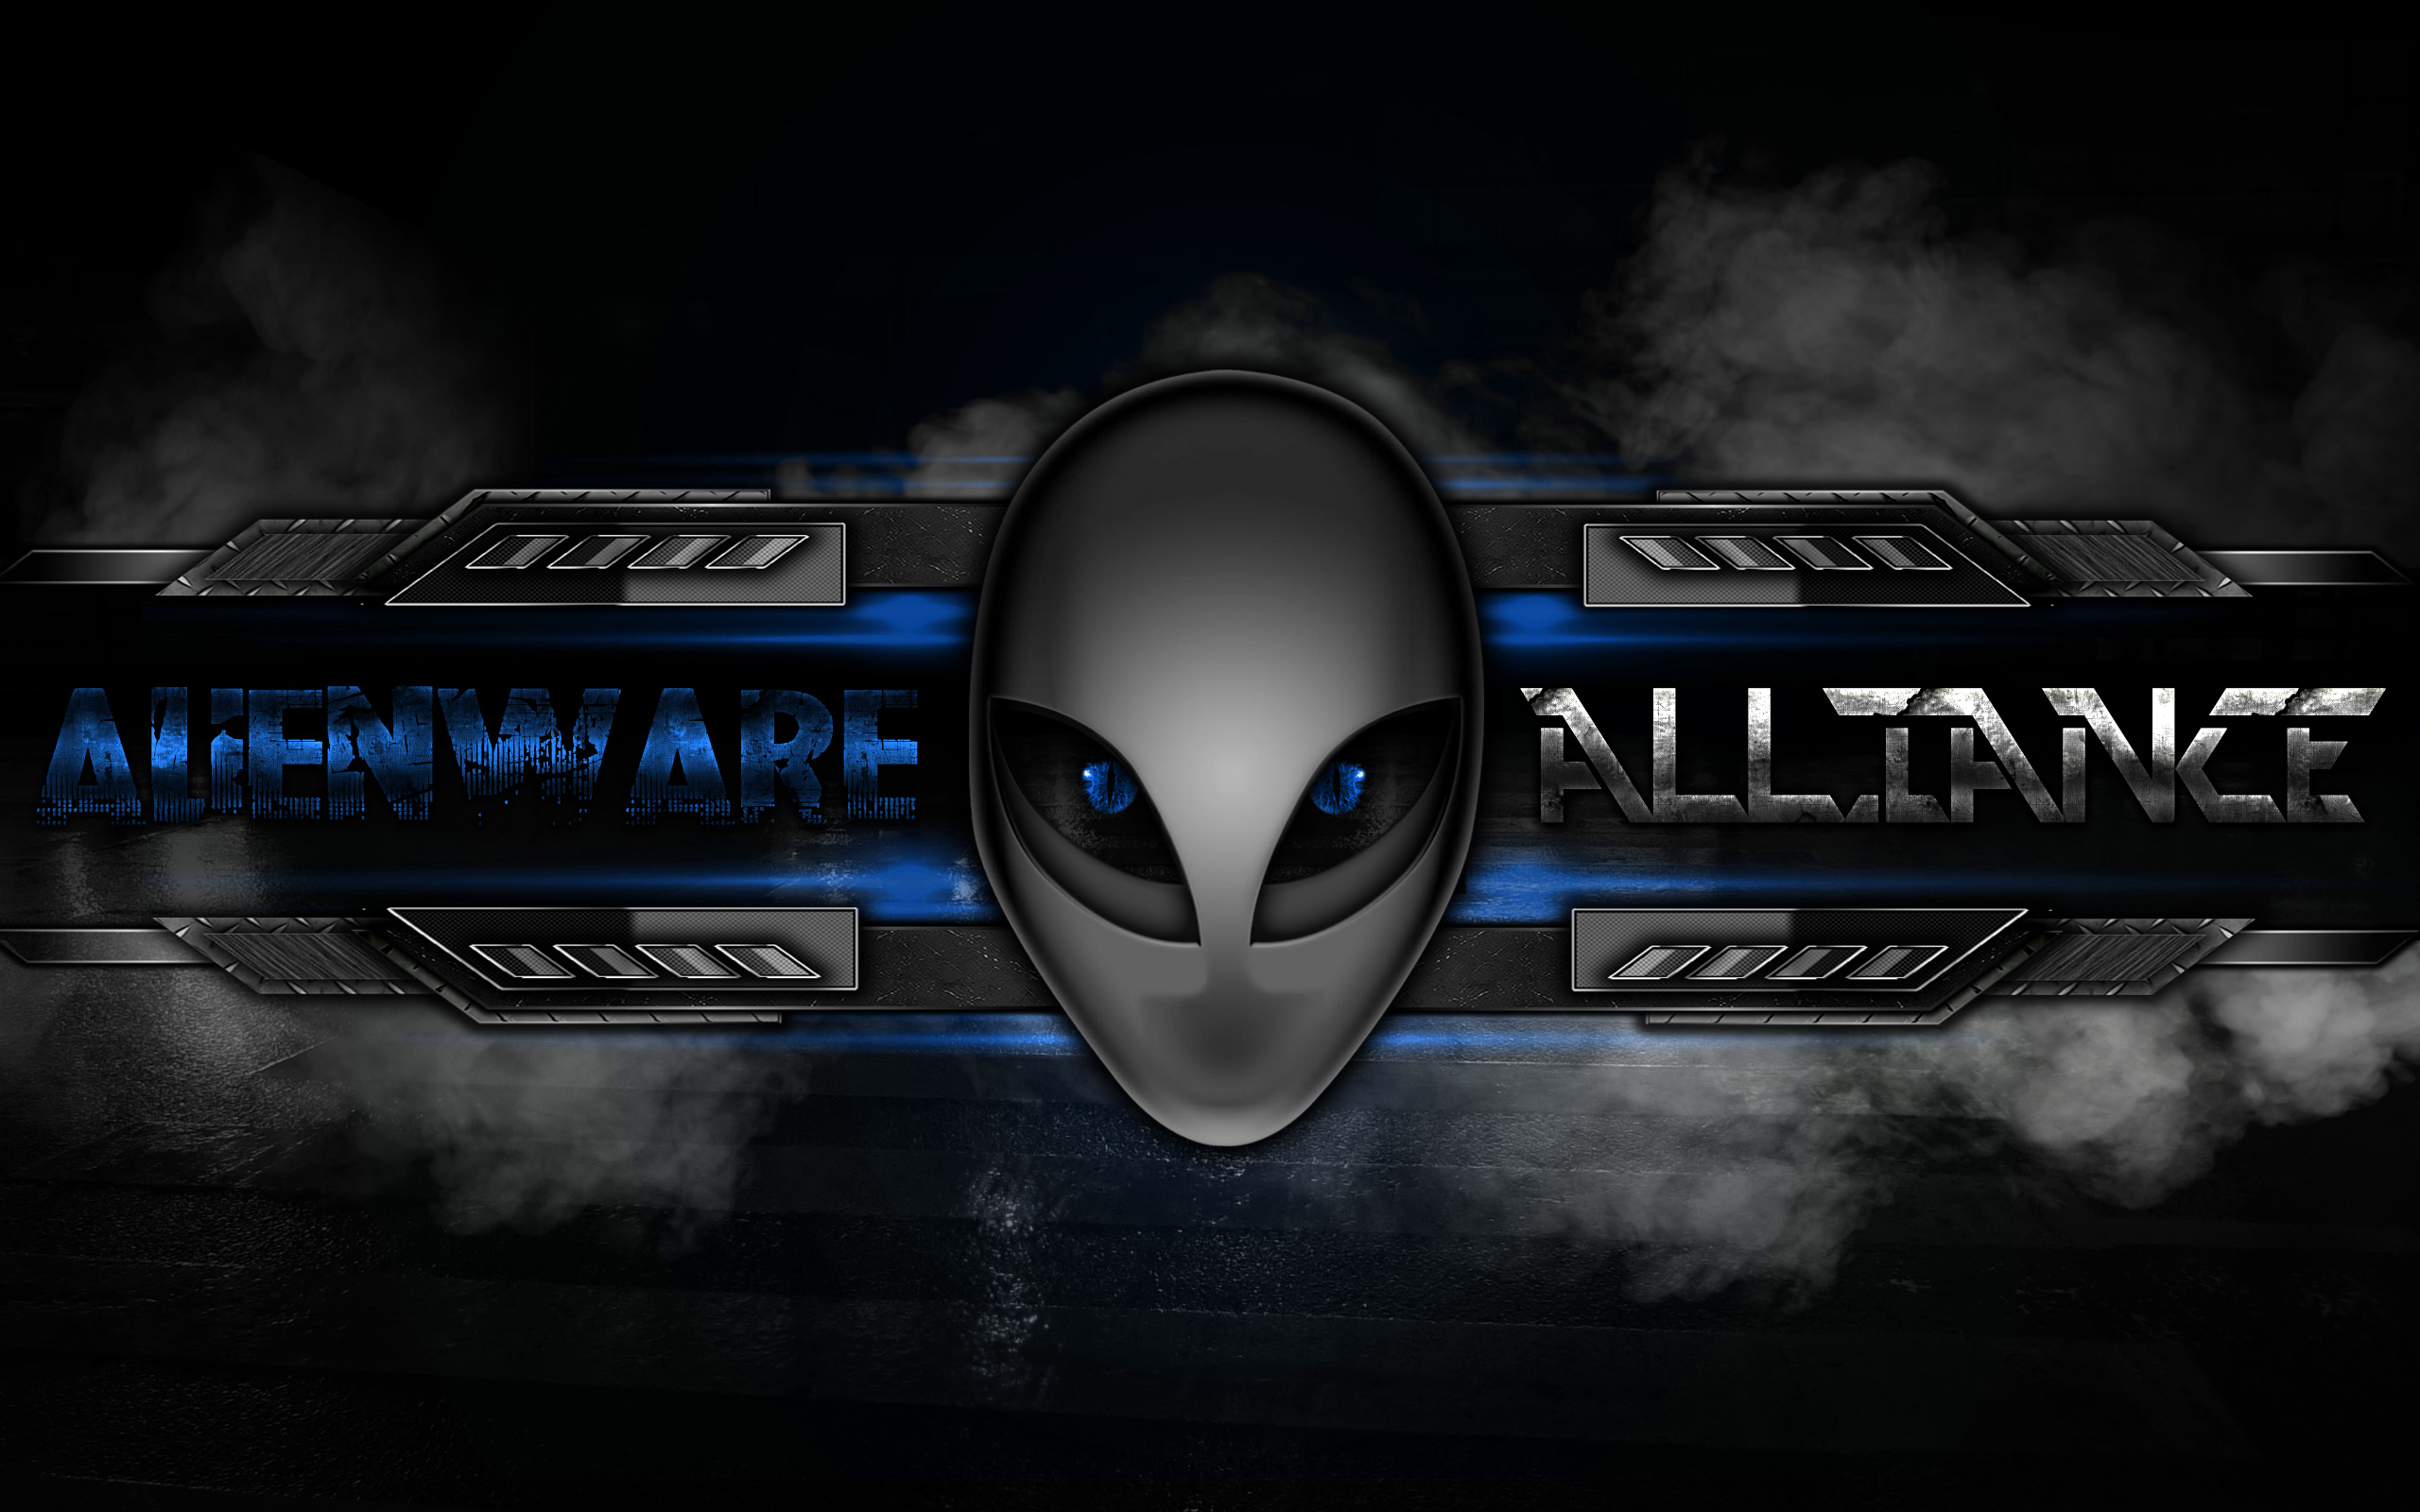 hd alienware wallpapers 1920x1080 alienware backgrounds